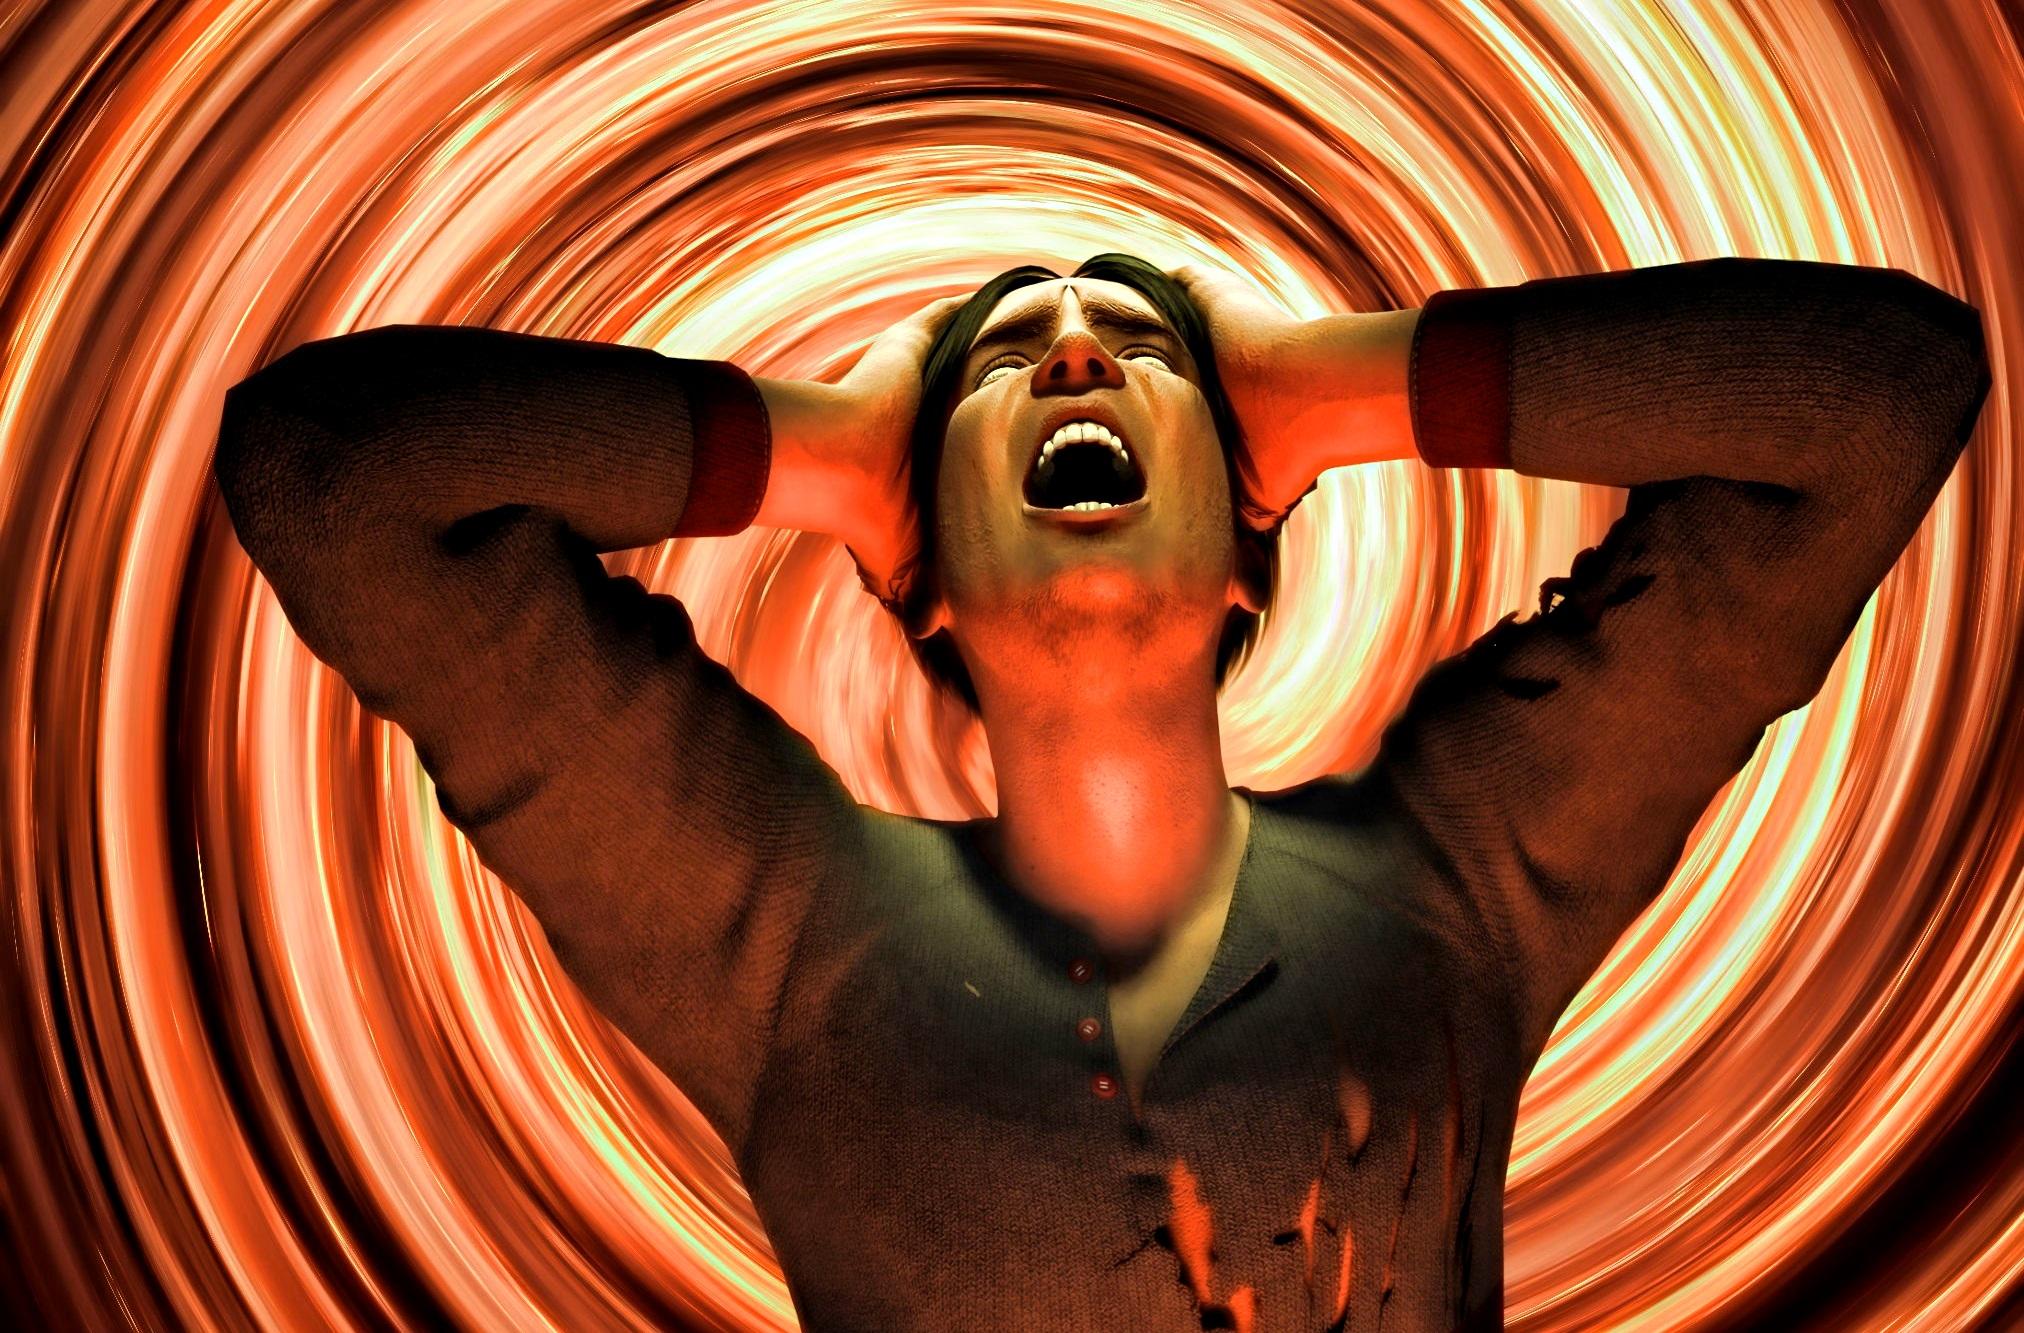 Mensch nerv nicht von der Ueberforderung im digitalen Zeitalter